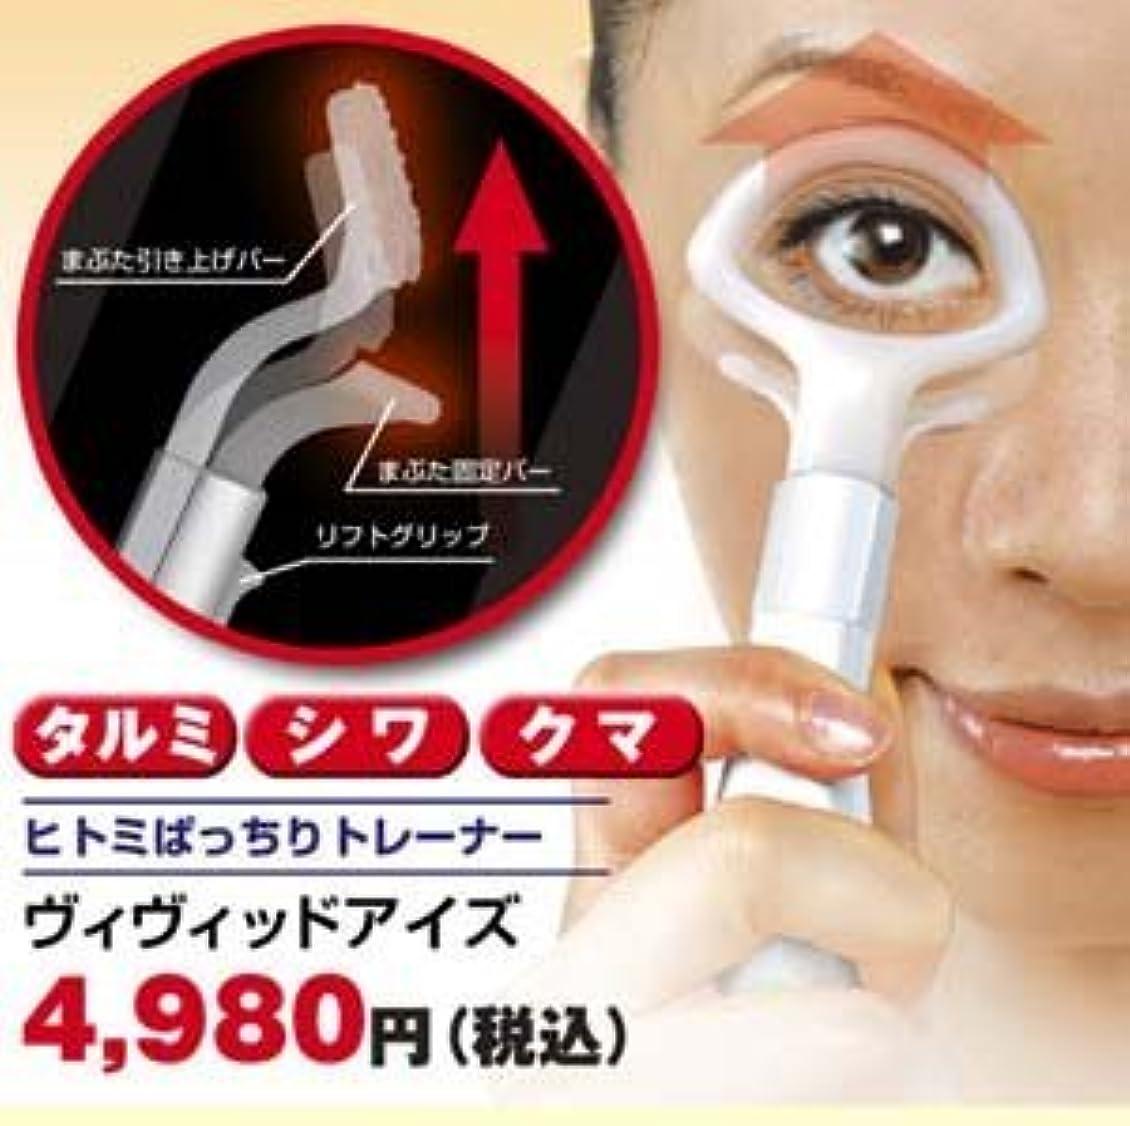 香水安価な自発的ヒトミぱっちりトレーナー VIVID EYES